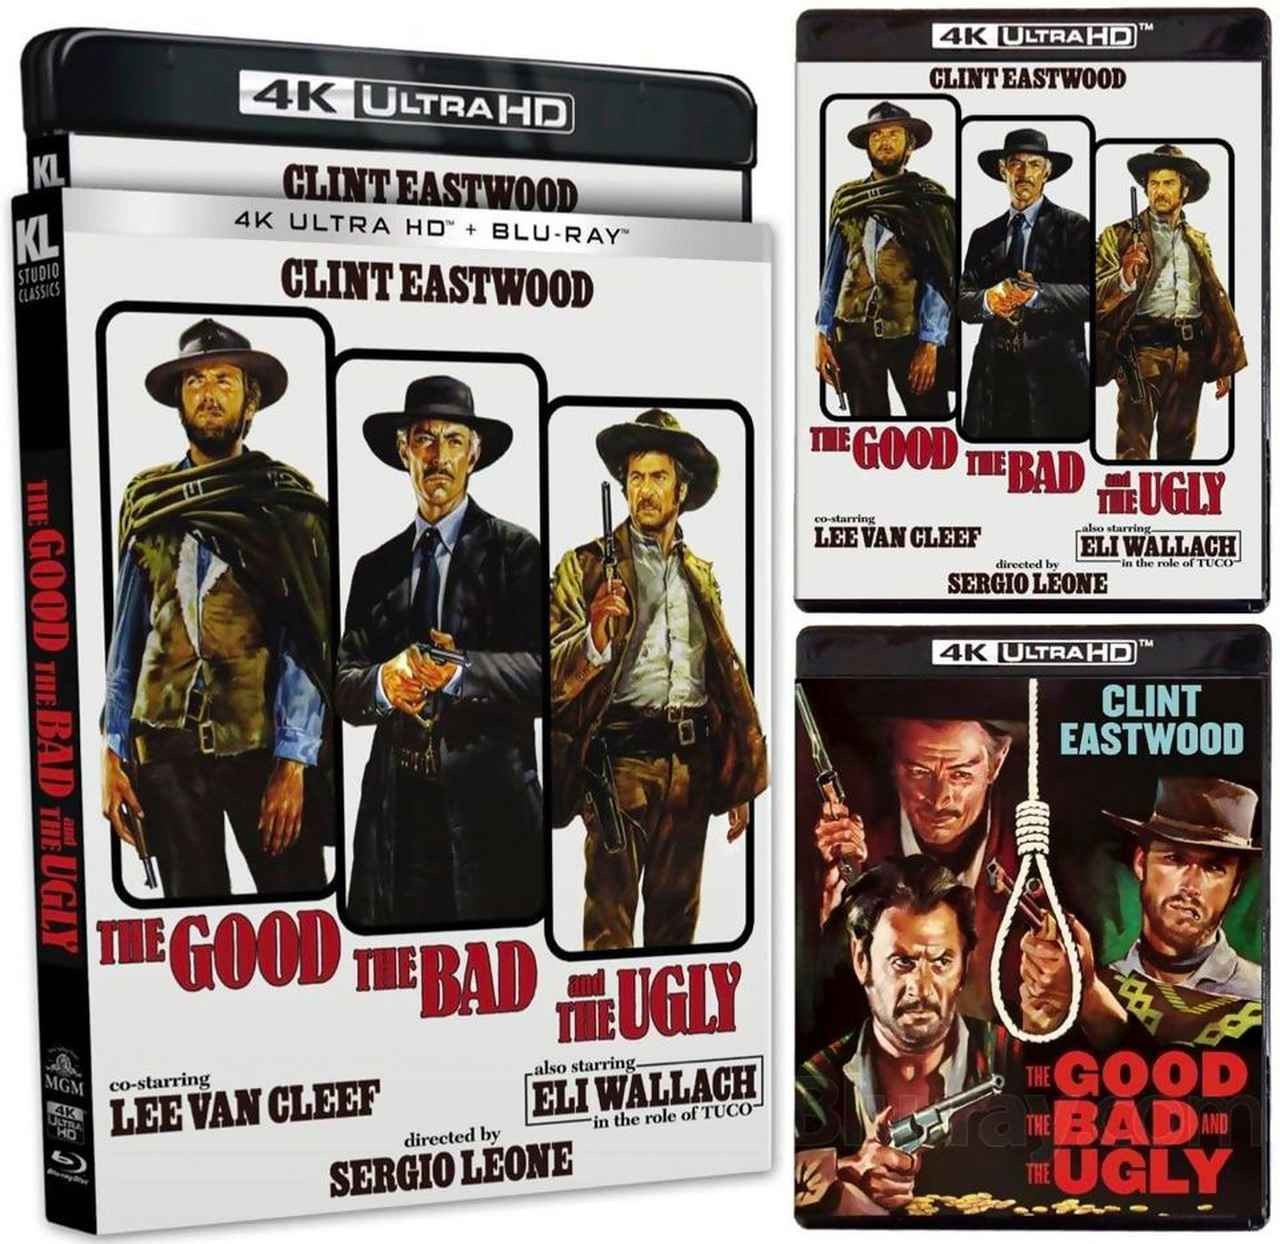 画像1: THE GOOD, THE BAD AND THE UGLY(EXTENDED CUT ) - 4K UHD BLU-RAY with 4K RESTORATION OF THE FILM WITH HDR